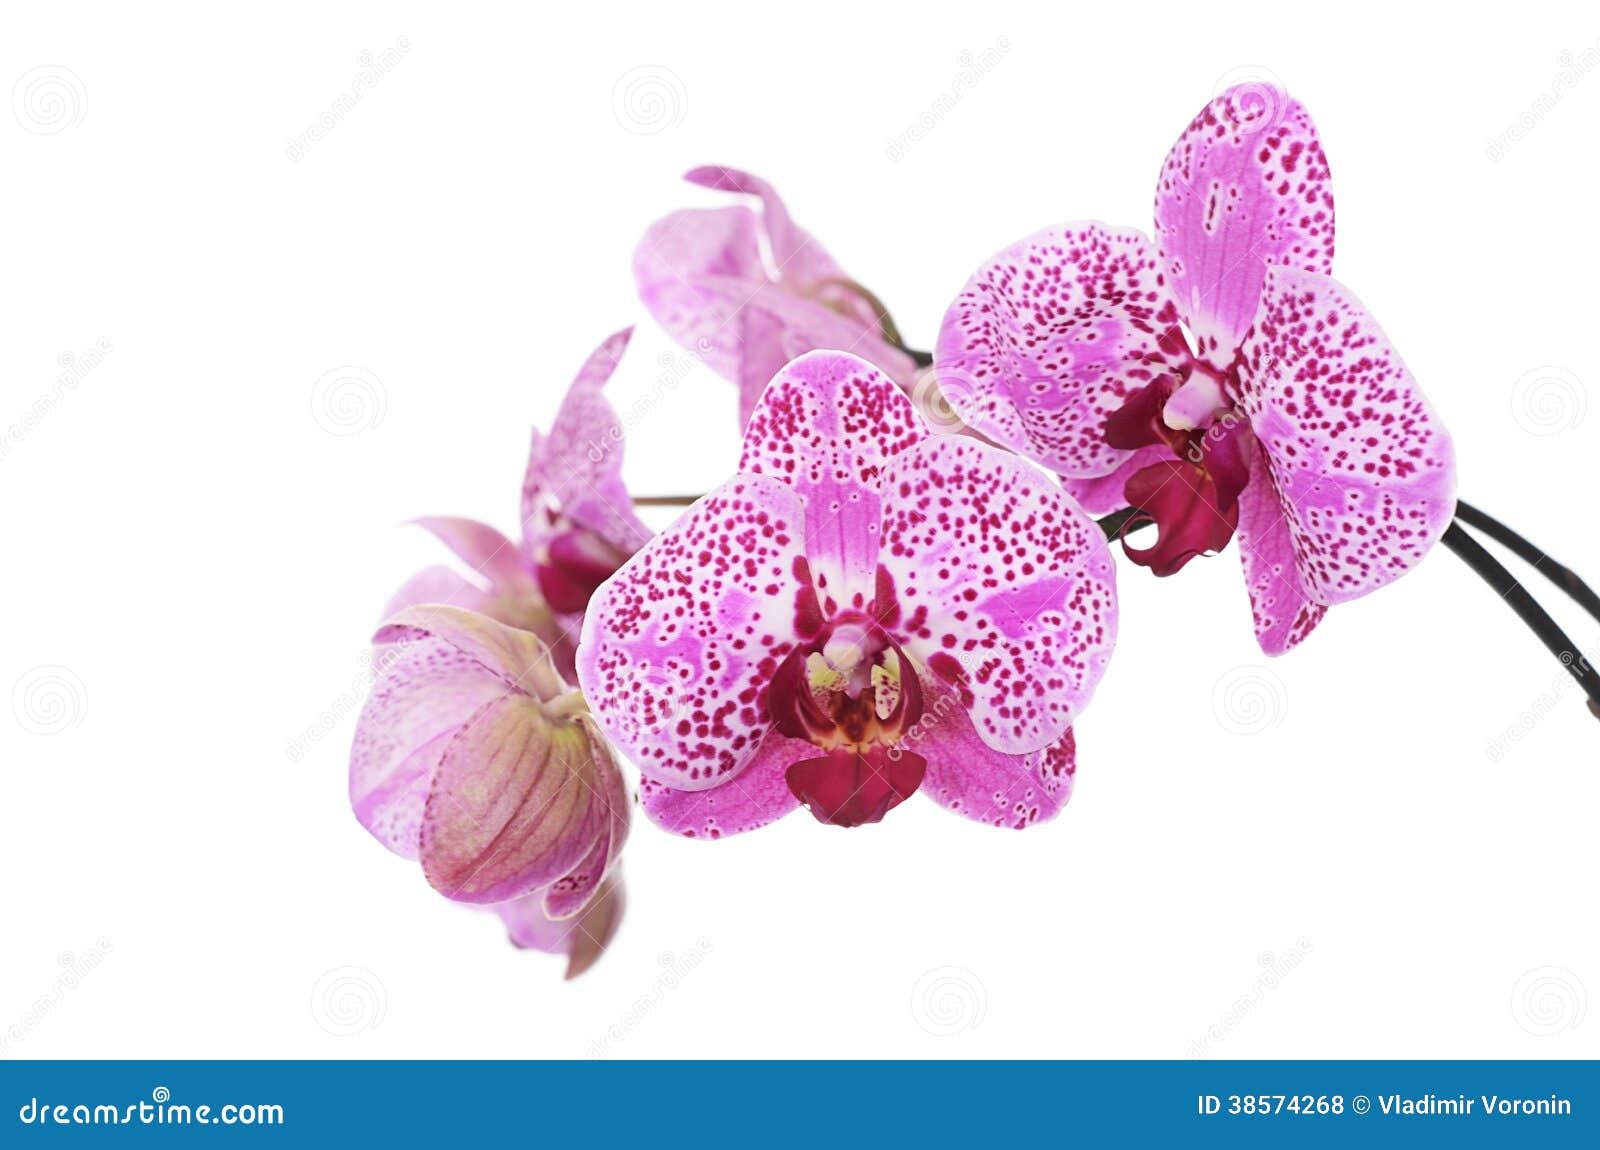 blumen der lila orchidee lokalisiert auf wei lizenzfreie stockfotos bild 38574268. Black Bedroom Furniture Sets. Home Design Ideas